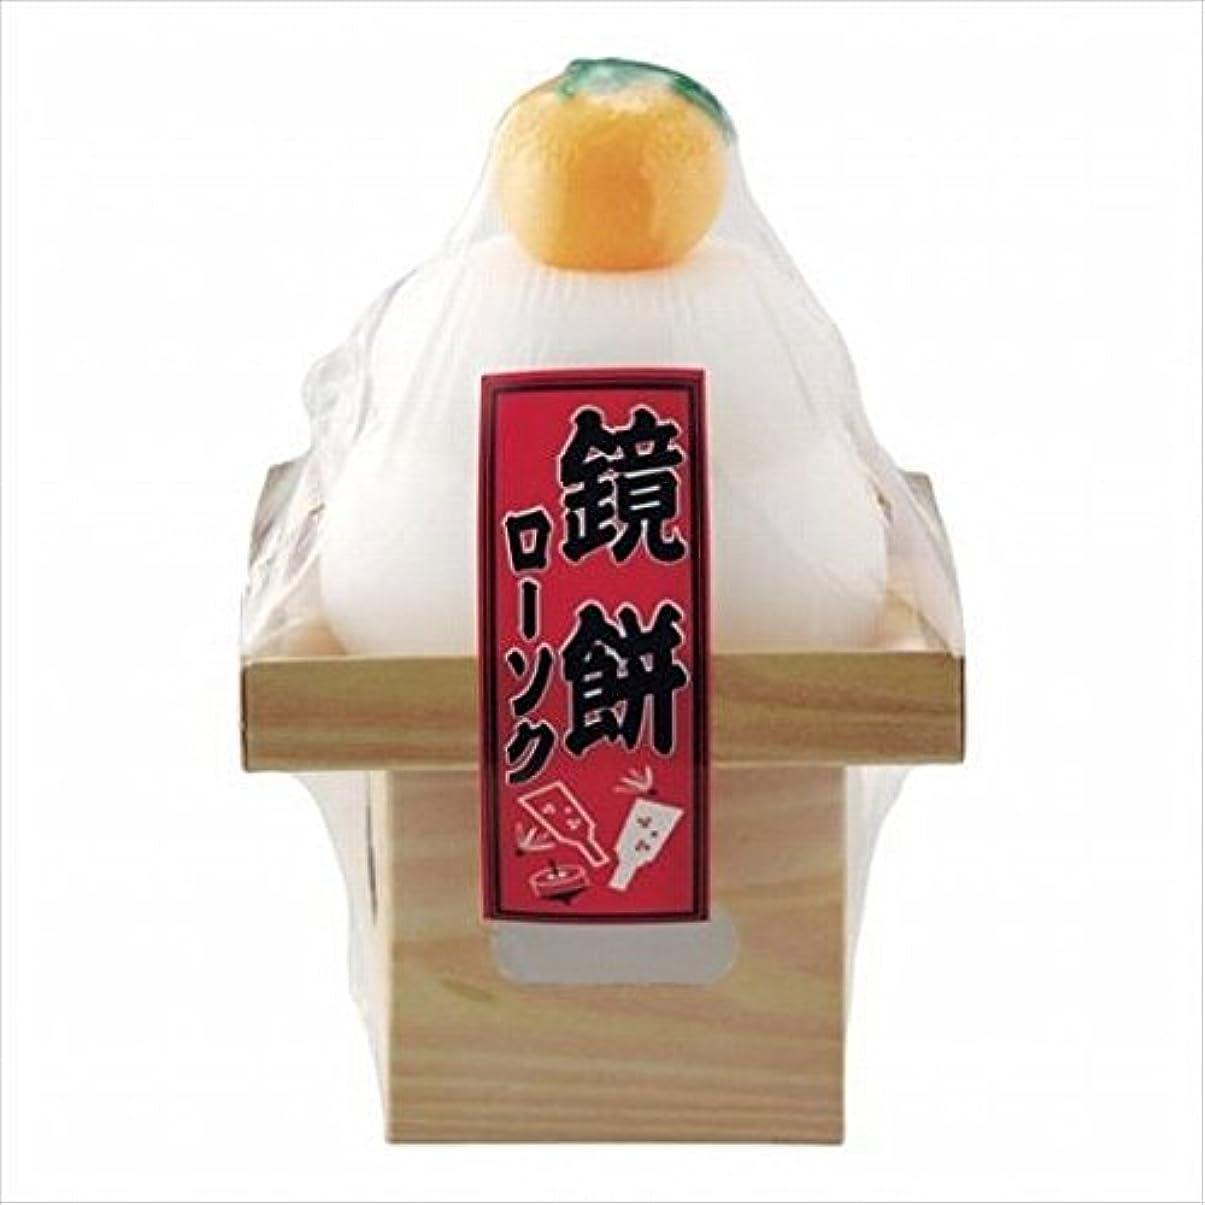 移植オペラミケランジェロkameyama candle(カメヤマキャンドル) 鏡餅ローソク キャンドル(21500000)